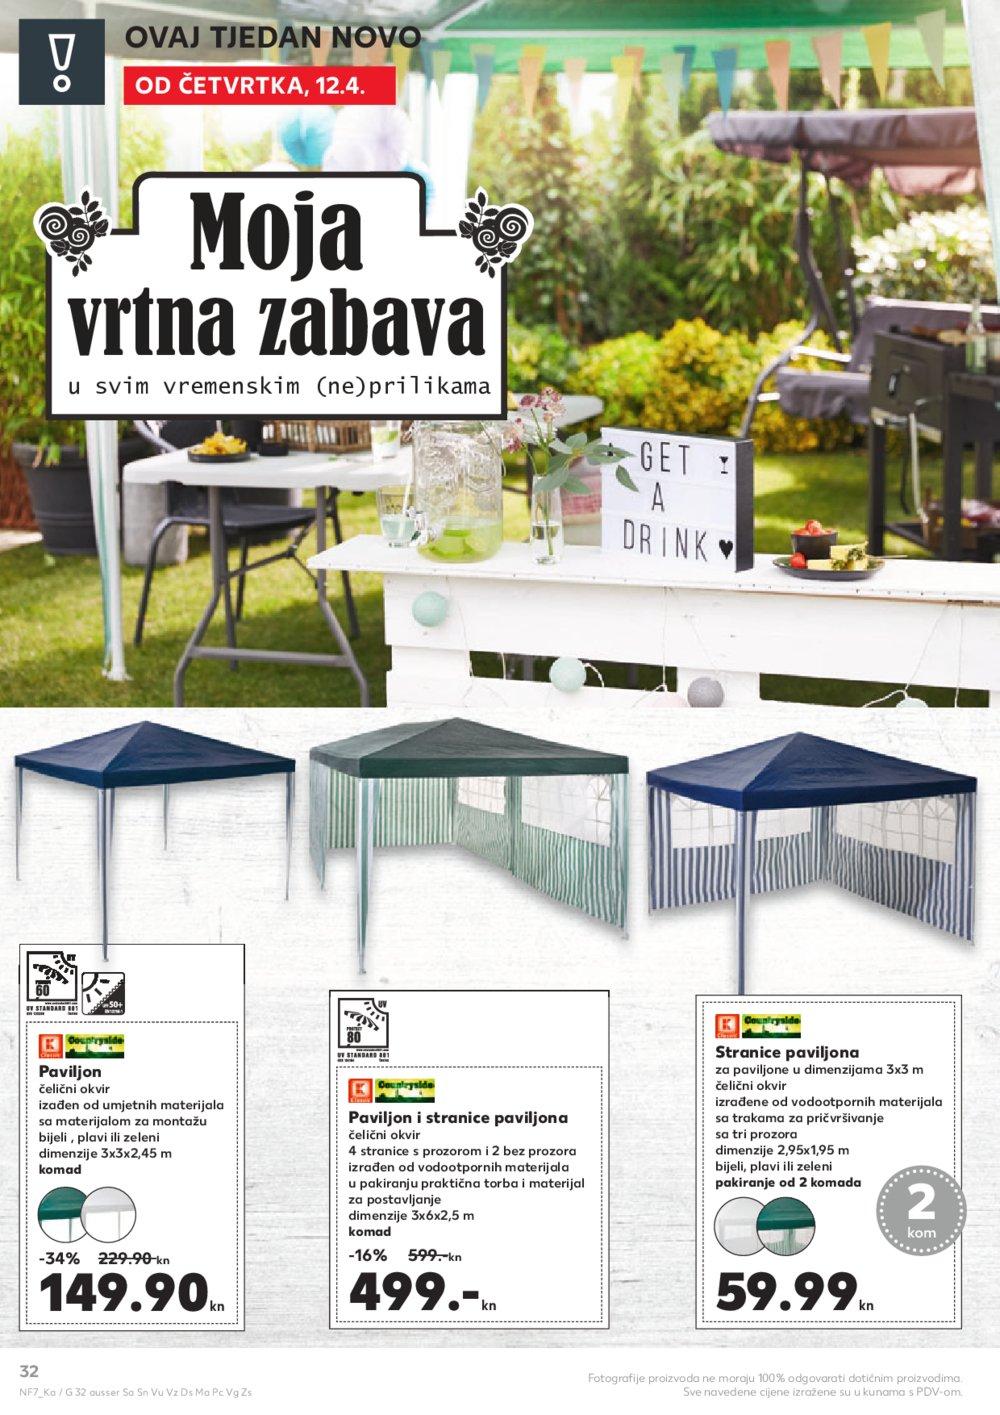 Kaufland katalog Akcija 12.4.-18.4.2018. Čk Sa Sn Vu Vz Ds Ma Pc Vg Zs